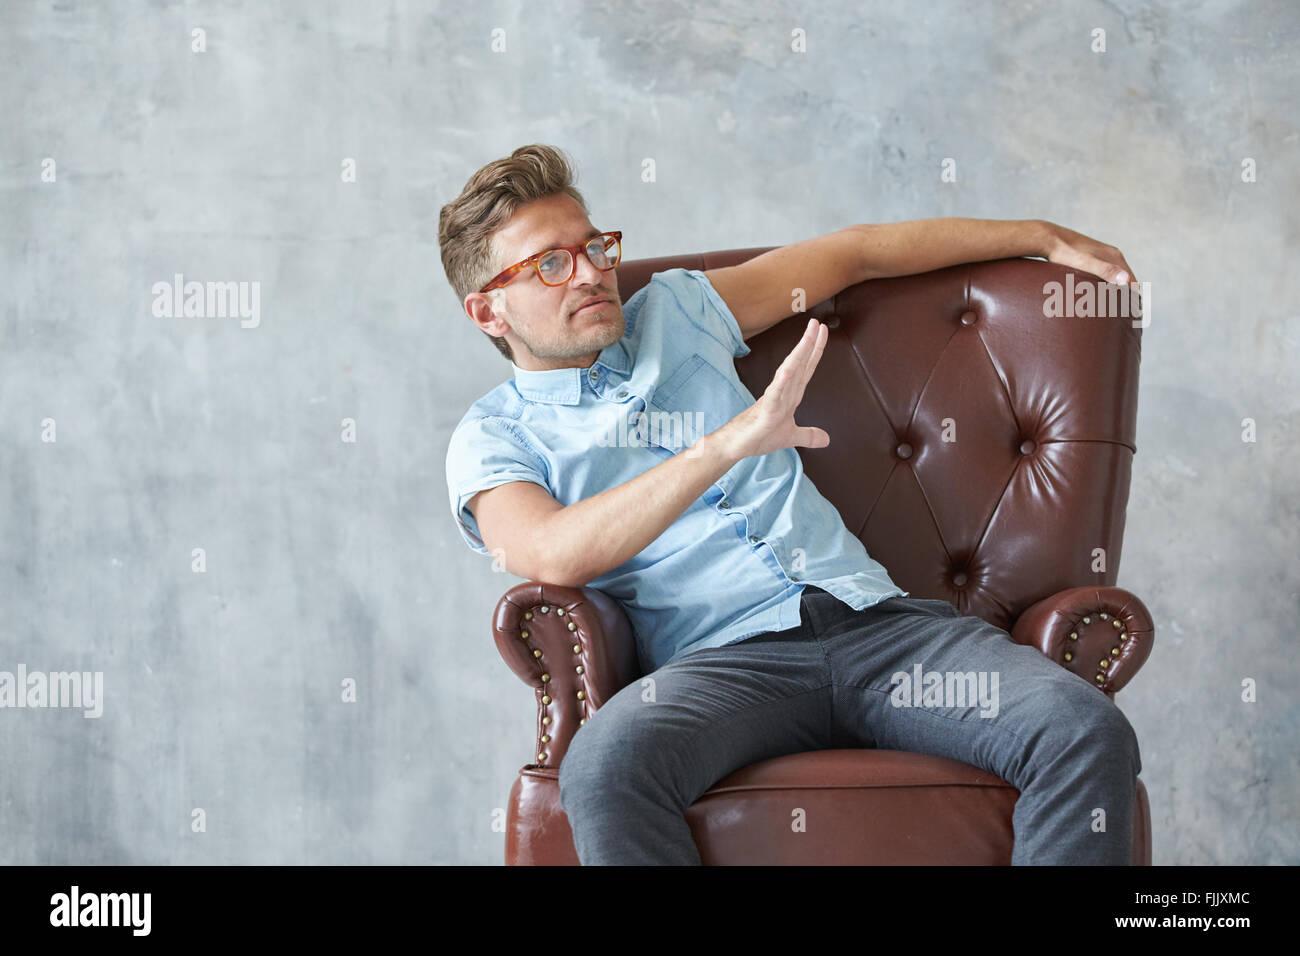 Retrato de un hombre inteligente y elegante mirando hacia la cámara, pequeña unshaven, carismático, Imagen De Stock